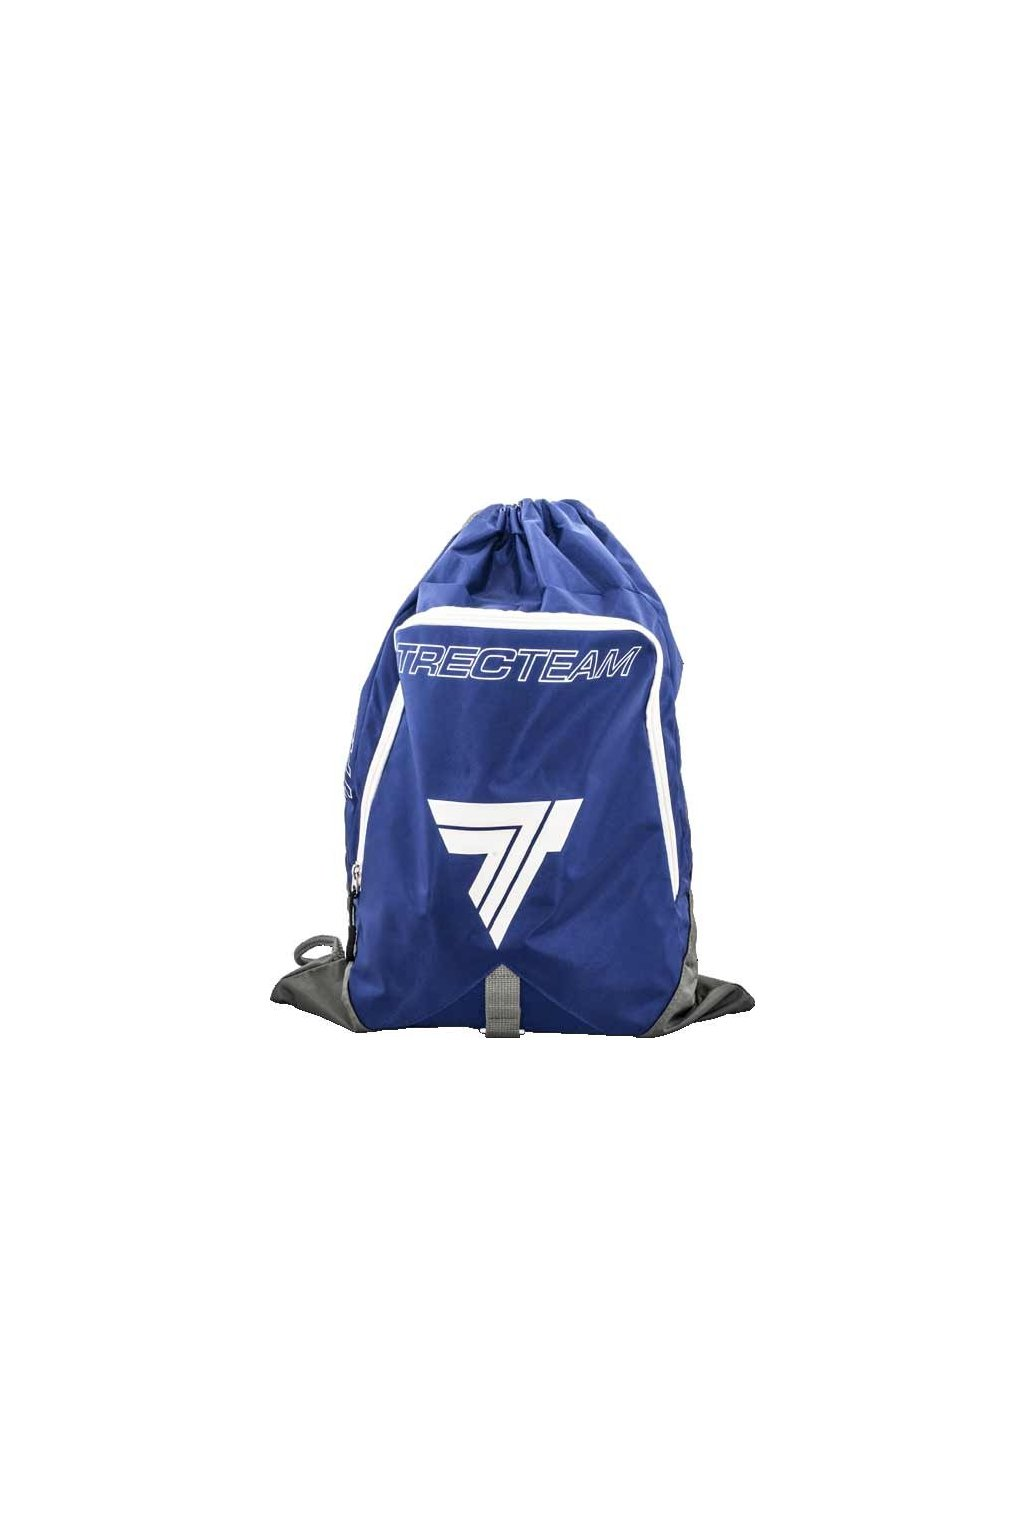 trecwear sportovni vak sackpack 2